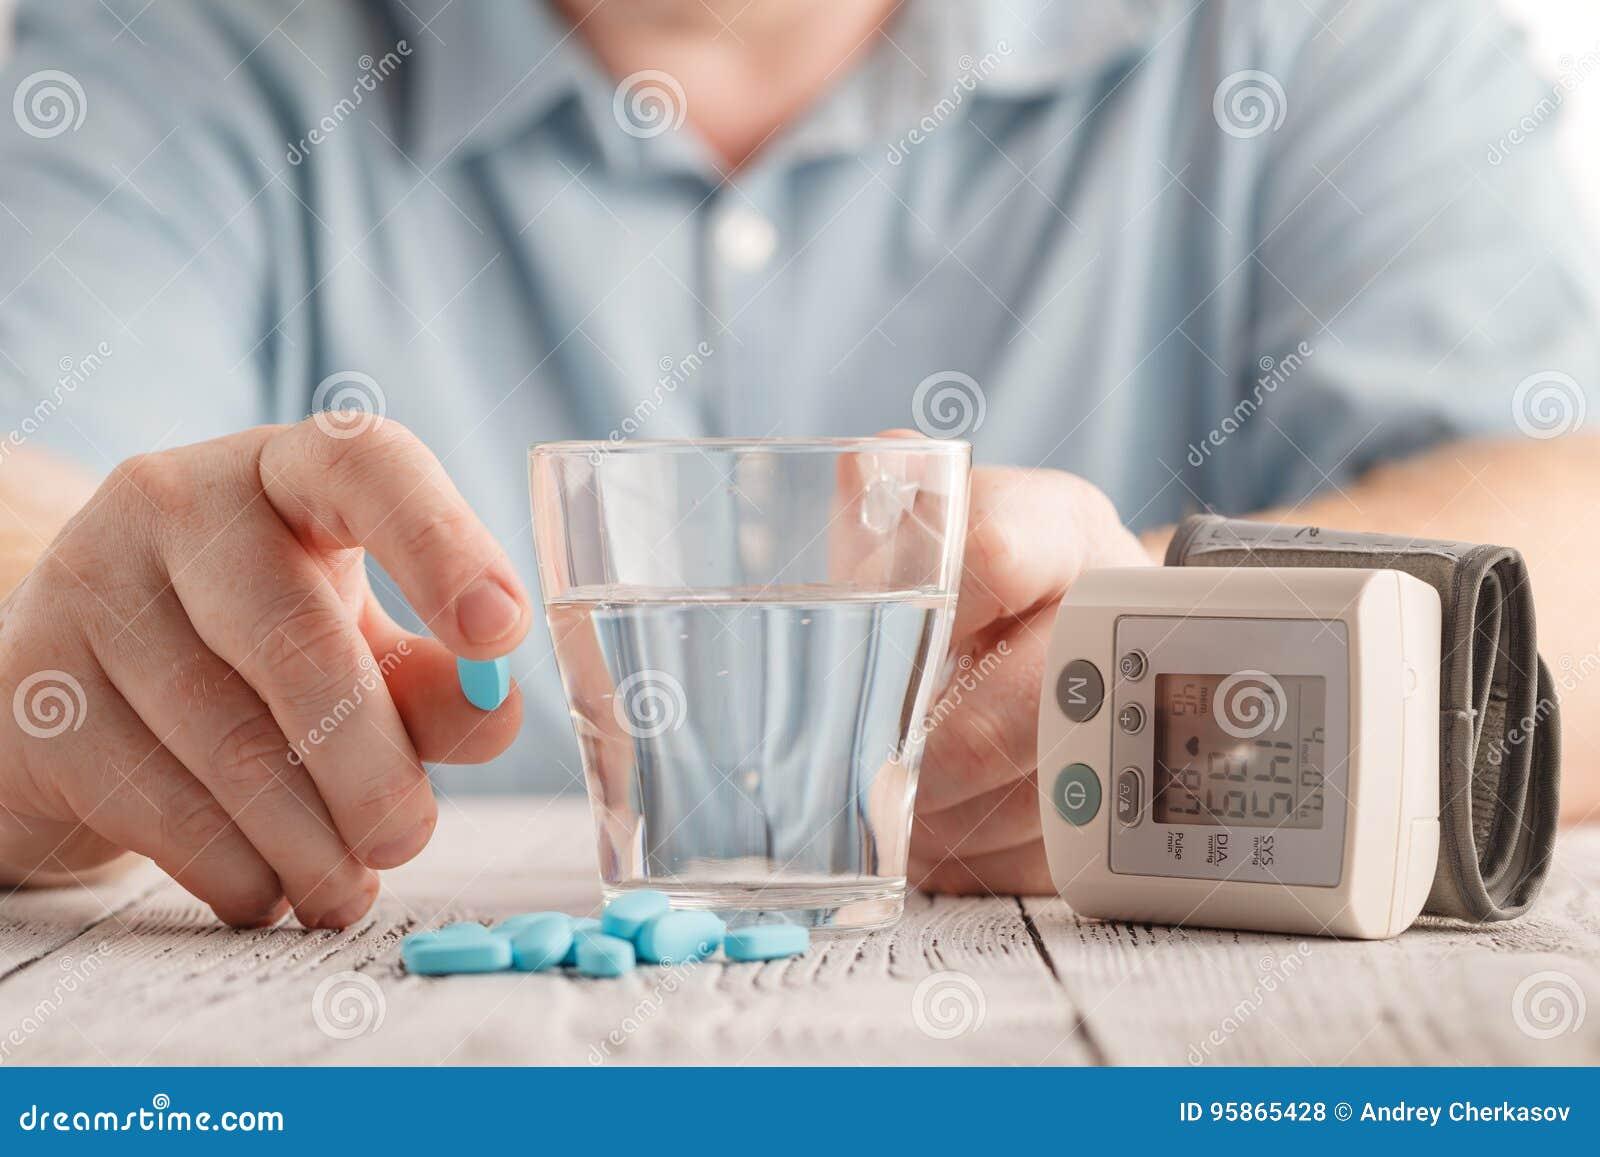 Medyczne pigułki przeciw nadciśnieniu w ręce, wyposażenie dla mierzyć ciśnienie krwi